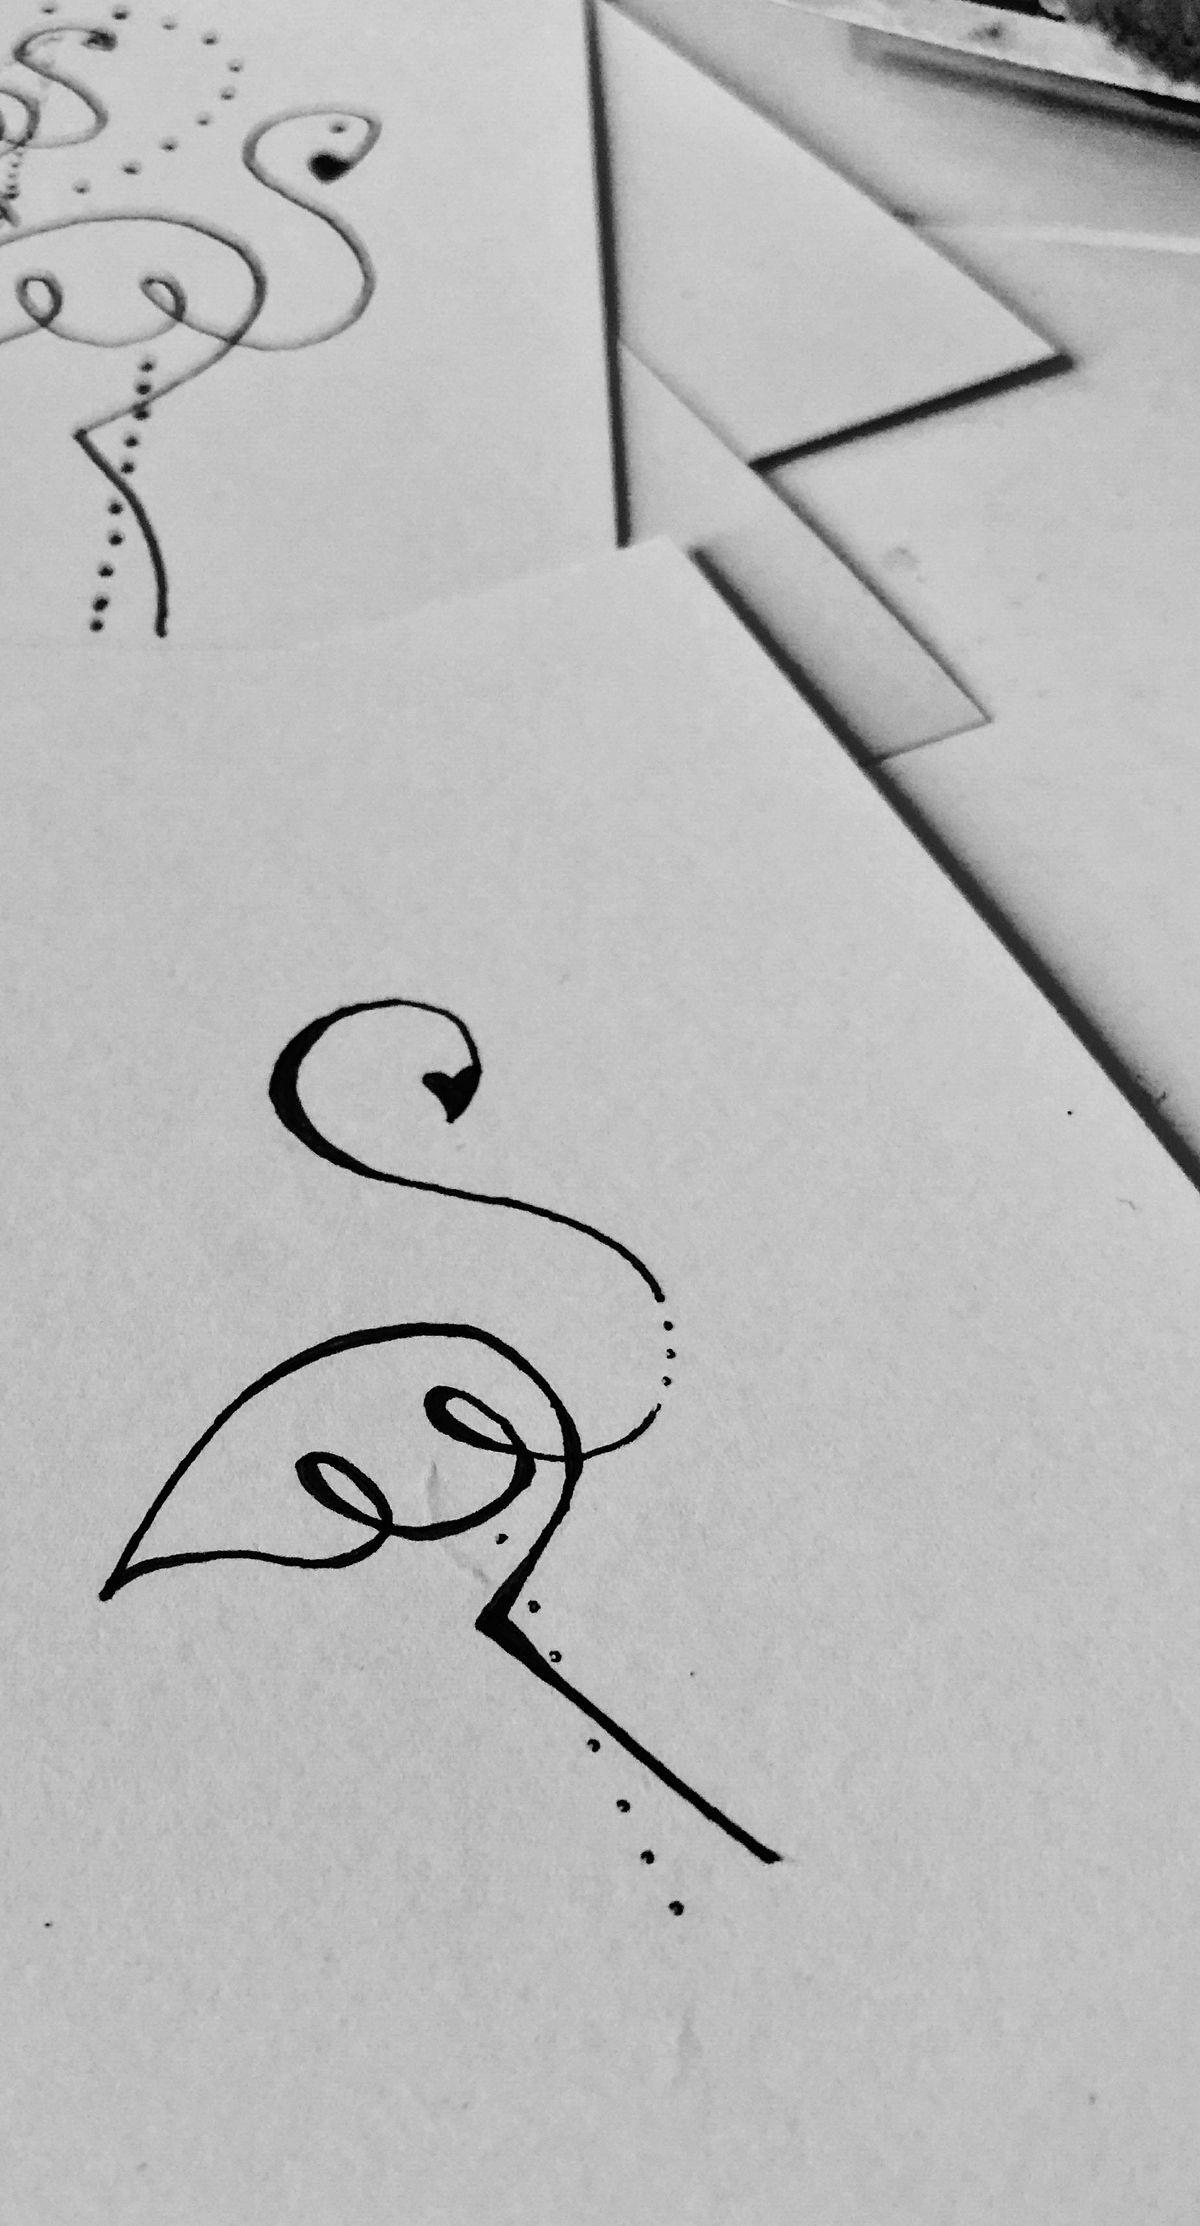 Siluetas Dibujos Arte Garabateado Dibujos Sencillos Letras A Mano